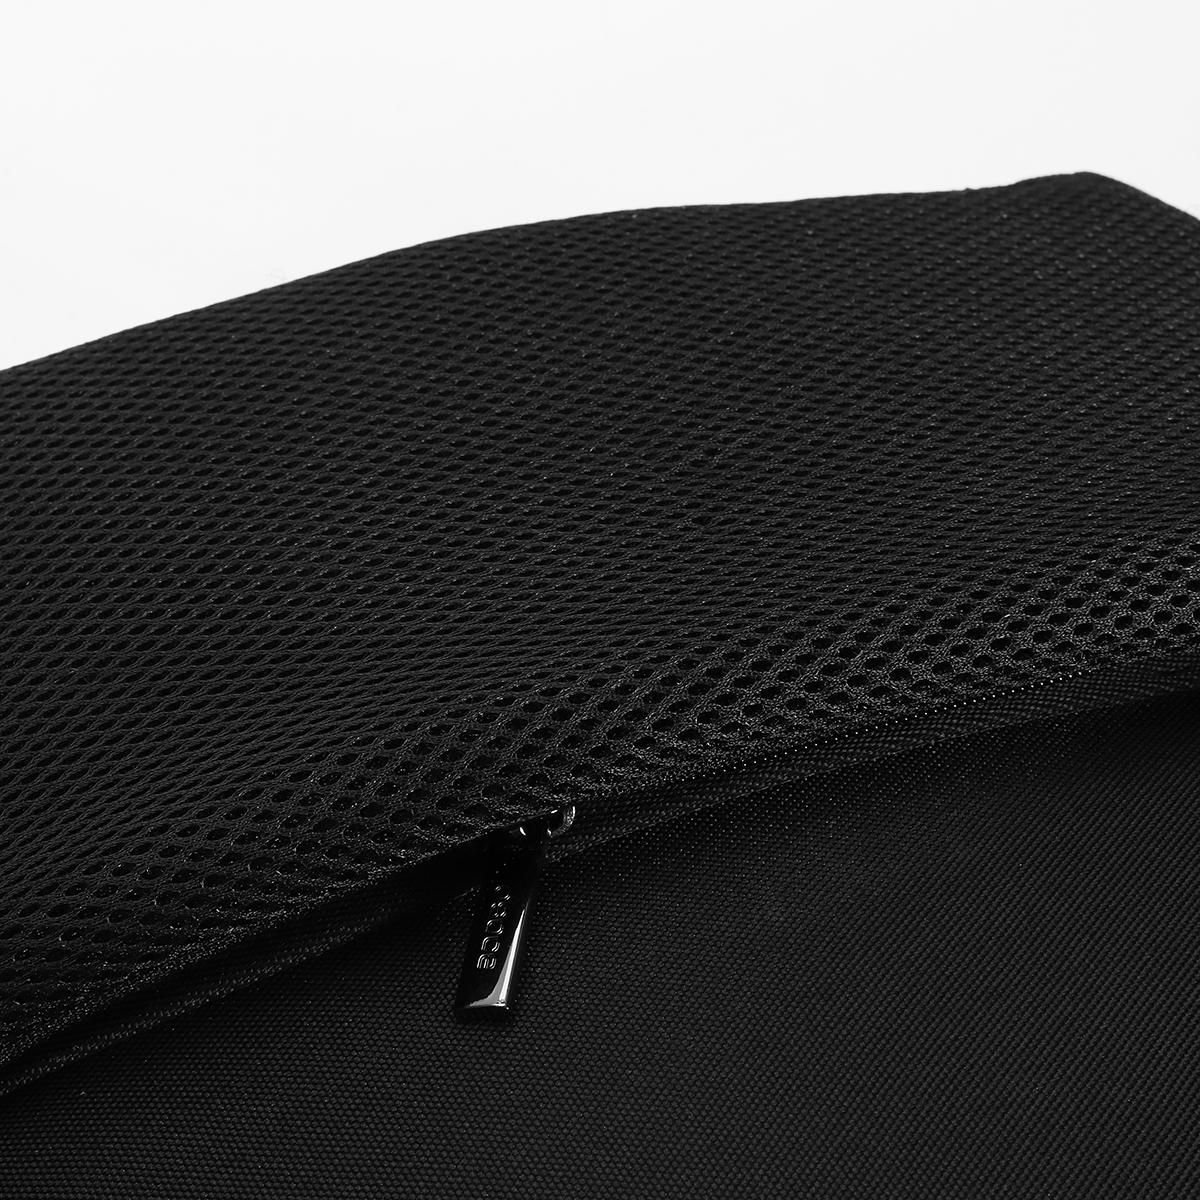 USB 15.6 Inch Backpack Waterproof  Laptop Bag Camping Travel Bag Student School Bag Shoulder Bag